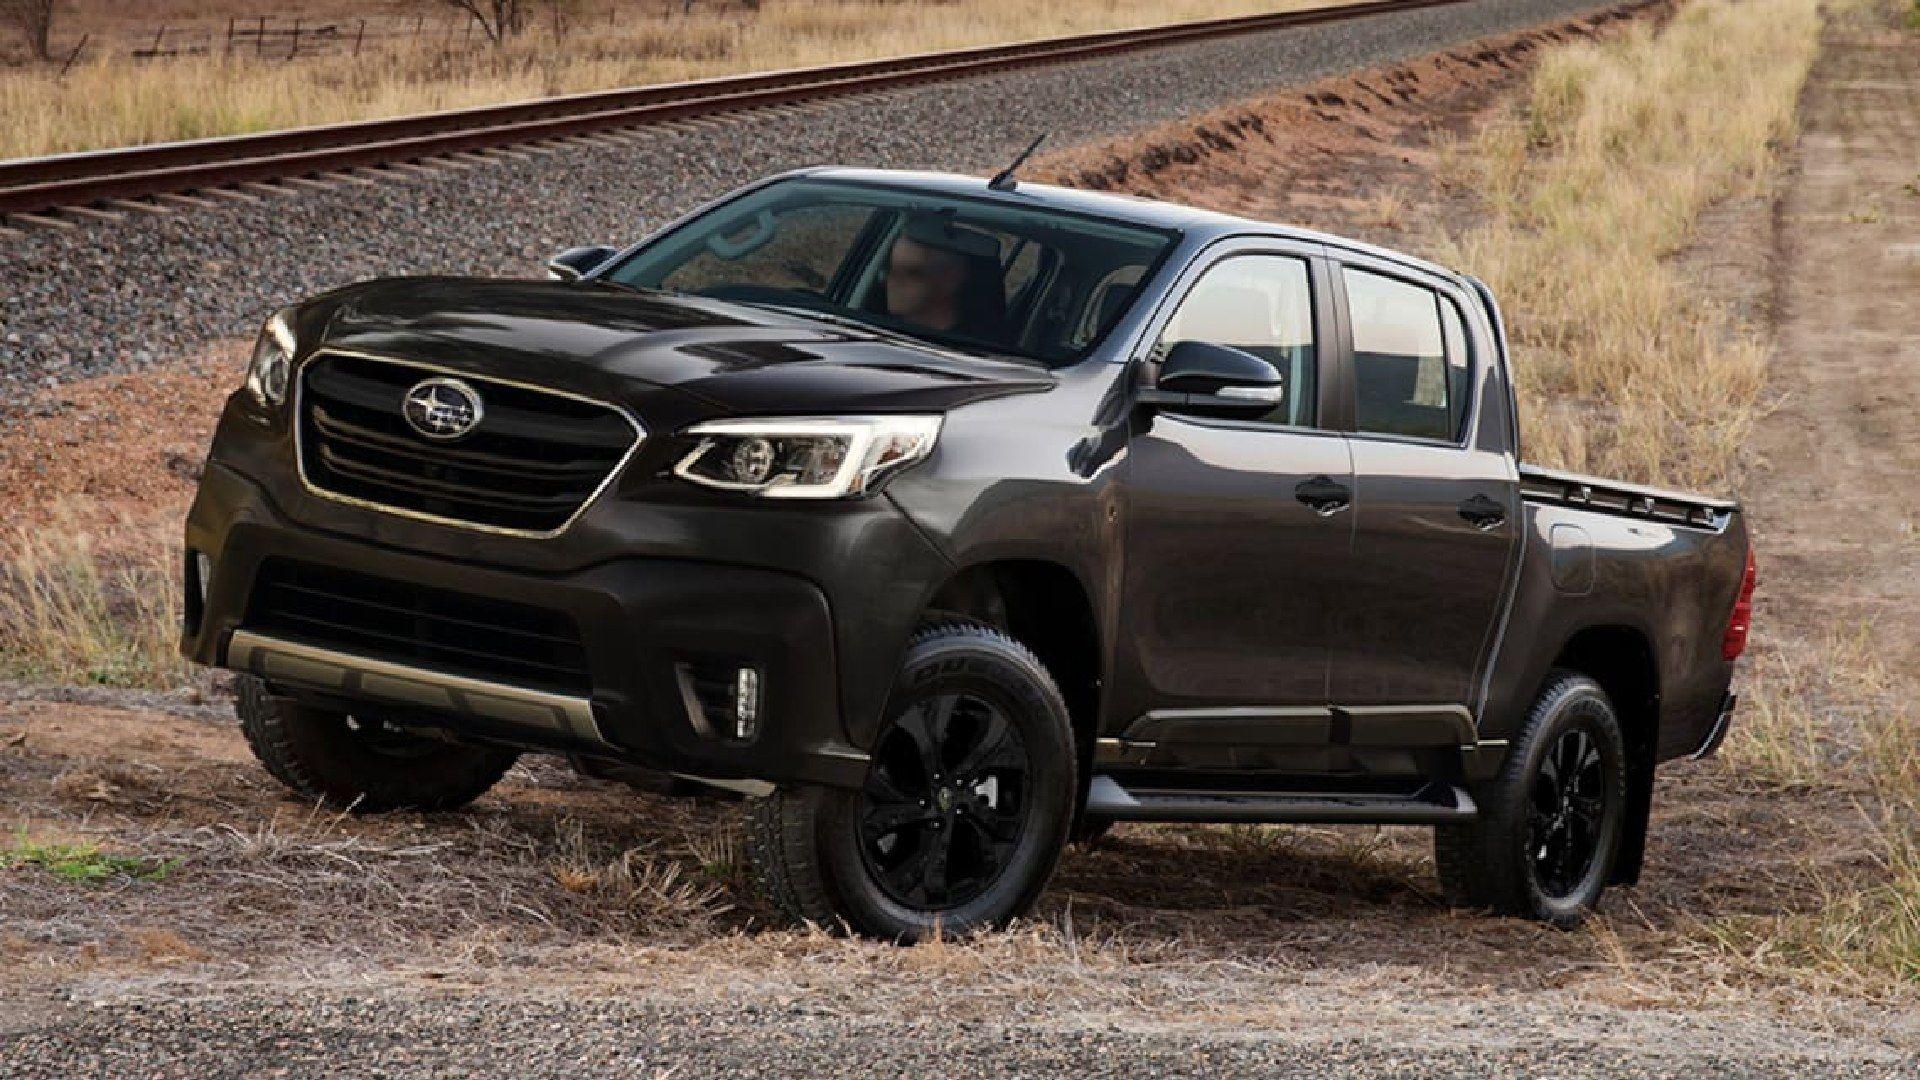 Subaru podría lanzar una pick-up mediana basada en Toyota Hilux